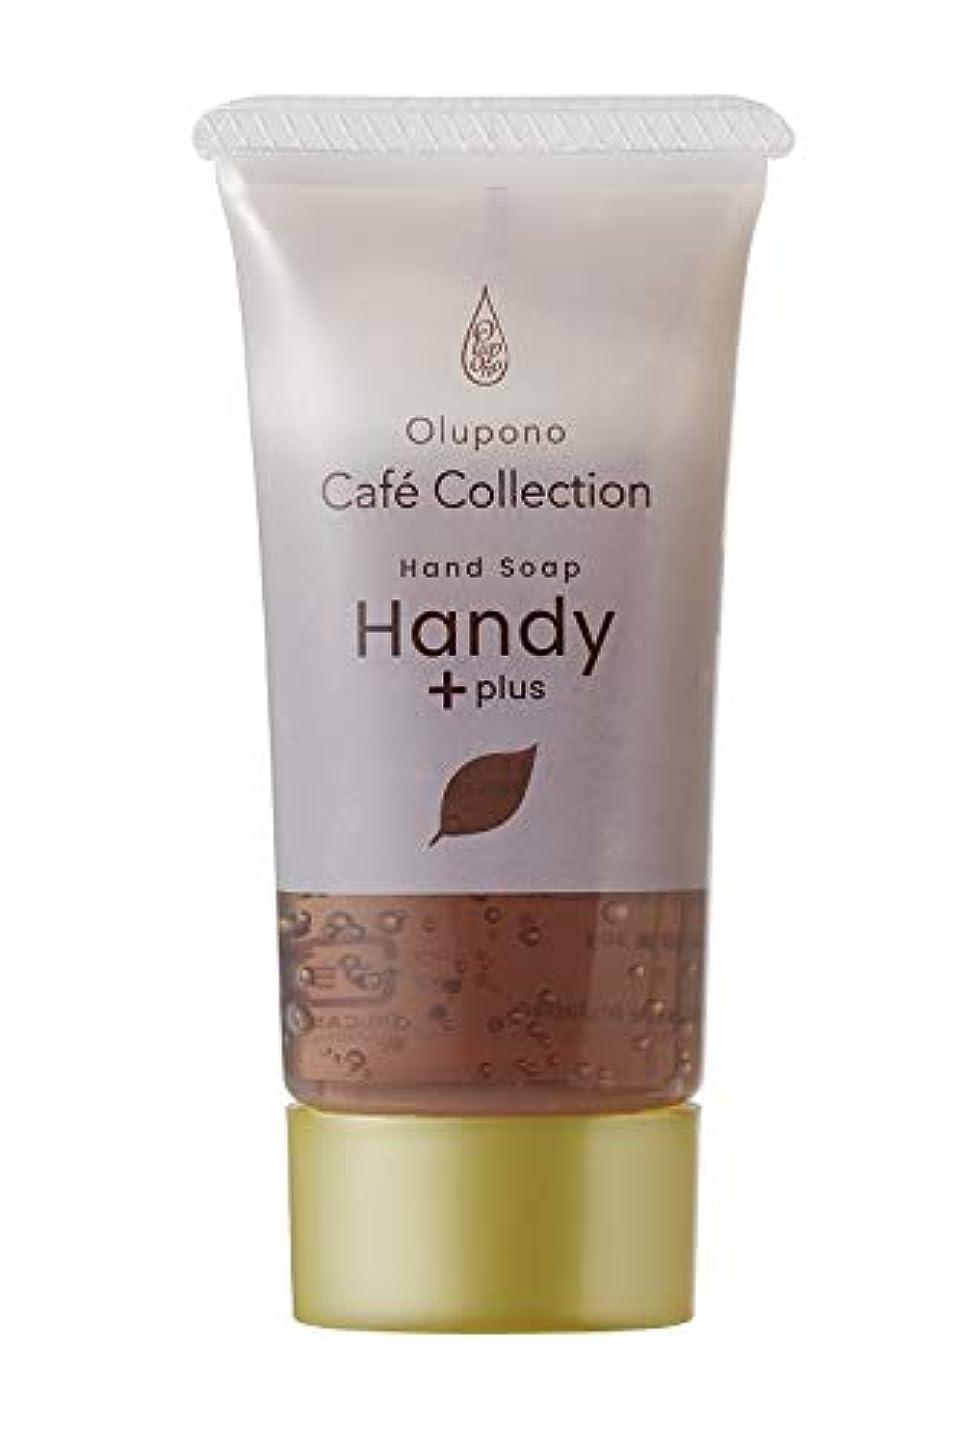 コショウリアルワームオルポノカフェコレクションHandy+plus<30g> コーヒー